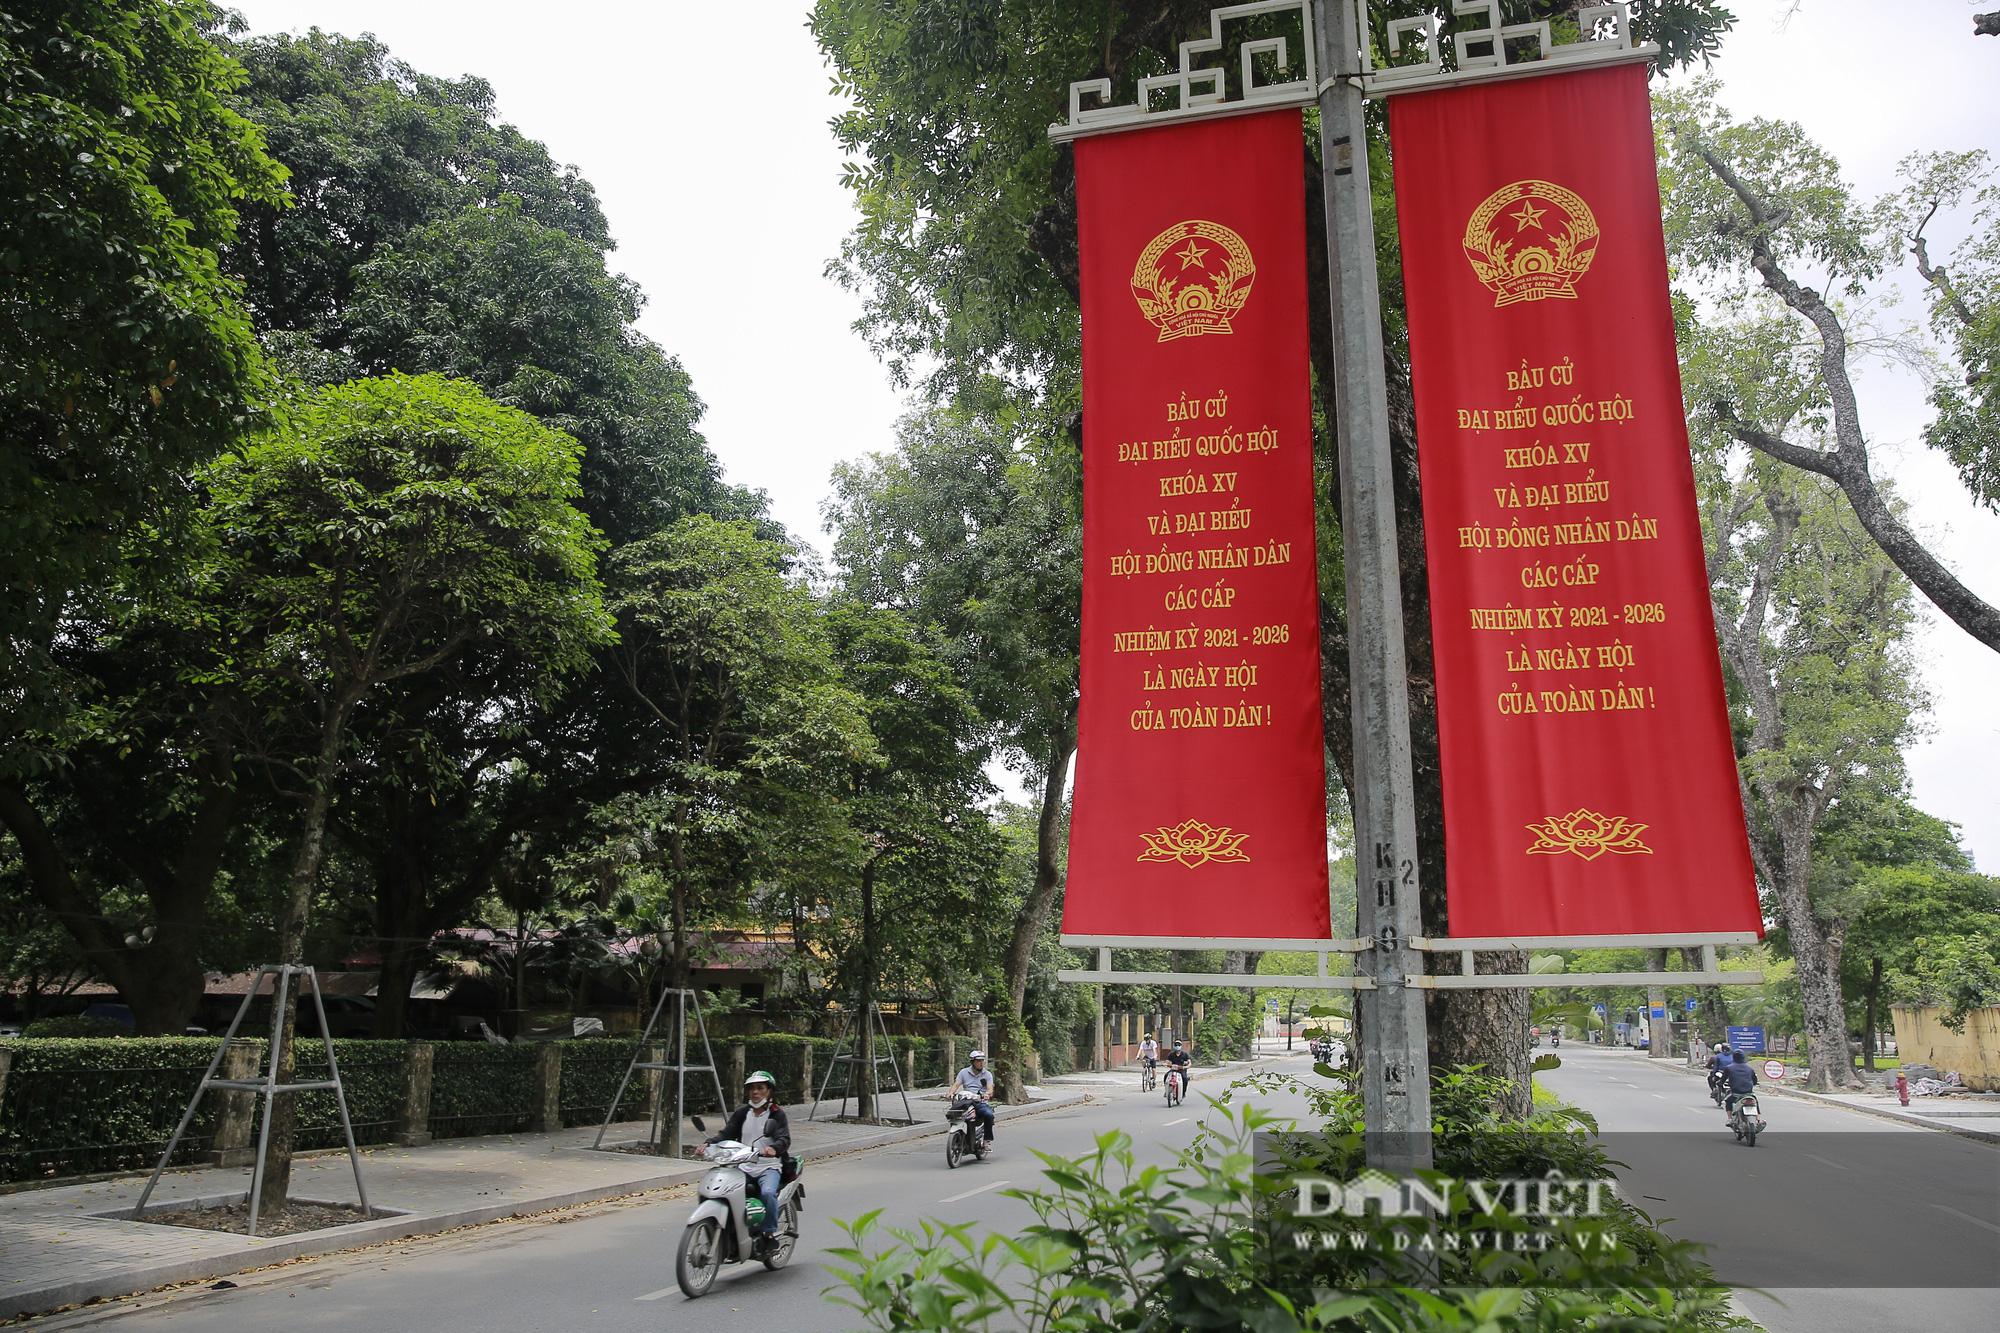 Đường phố Hà Nội trang hoàng rực rỡ trước ngày bầu cử - Ảnh 6.